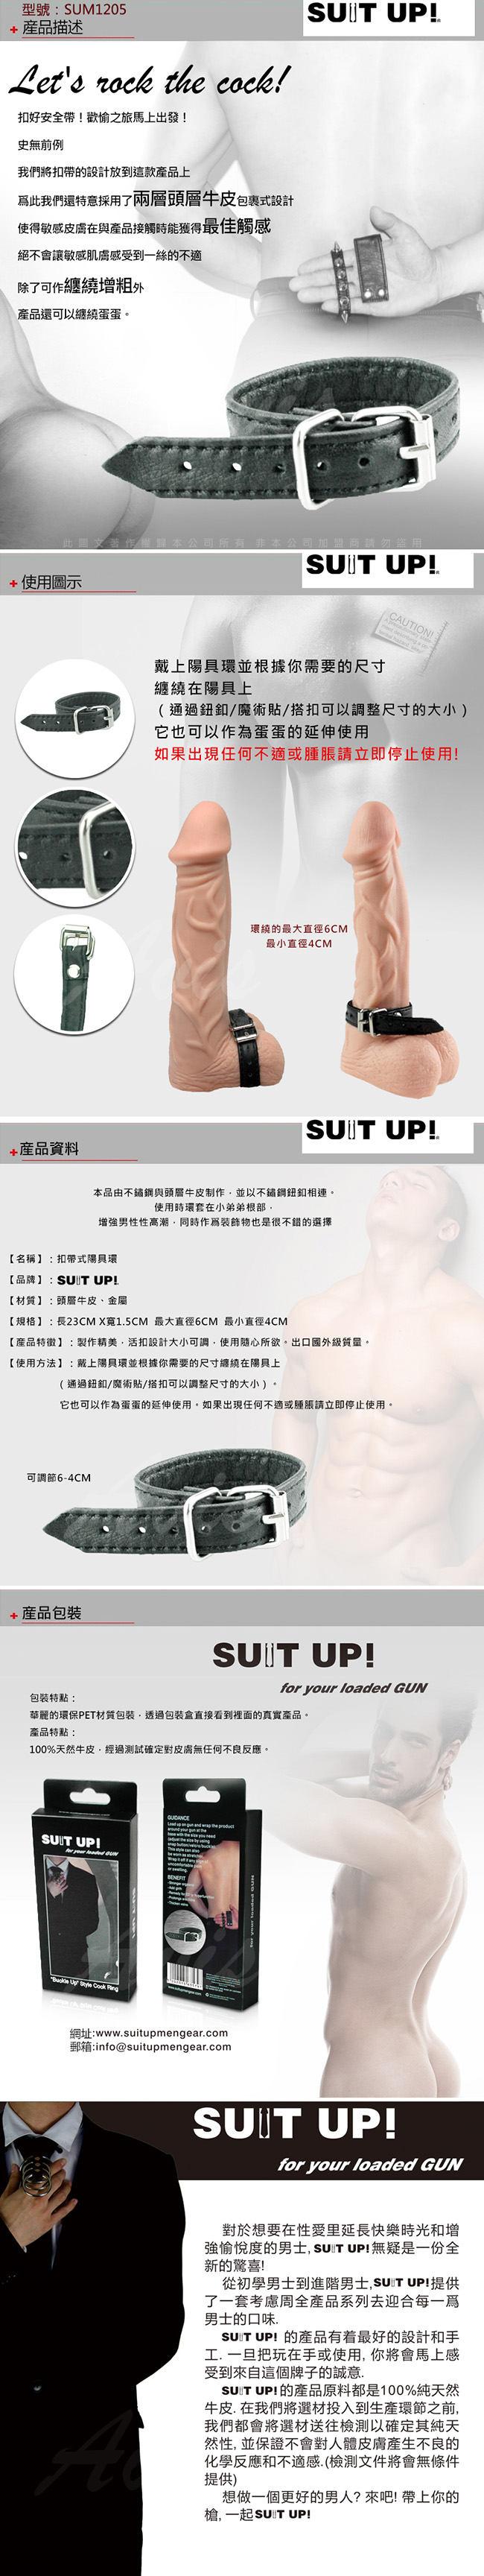 SUIT UP! SM情趣 扣帶式陽具環